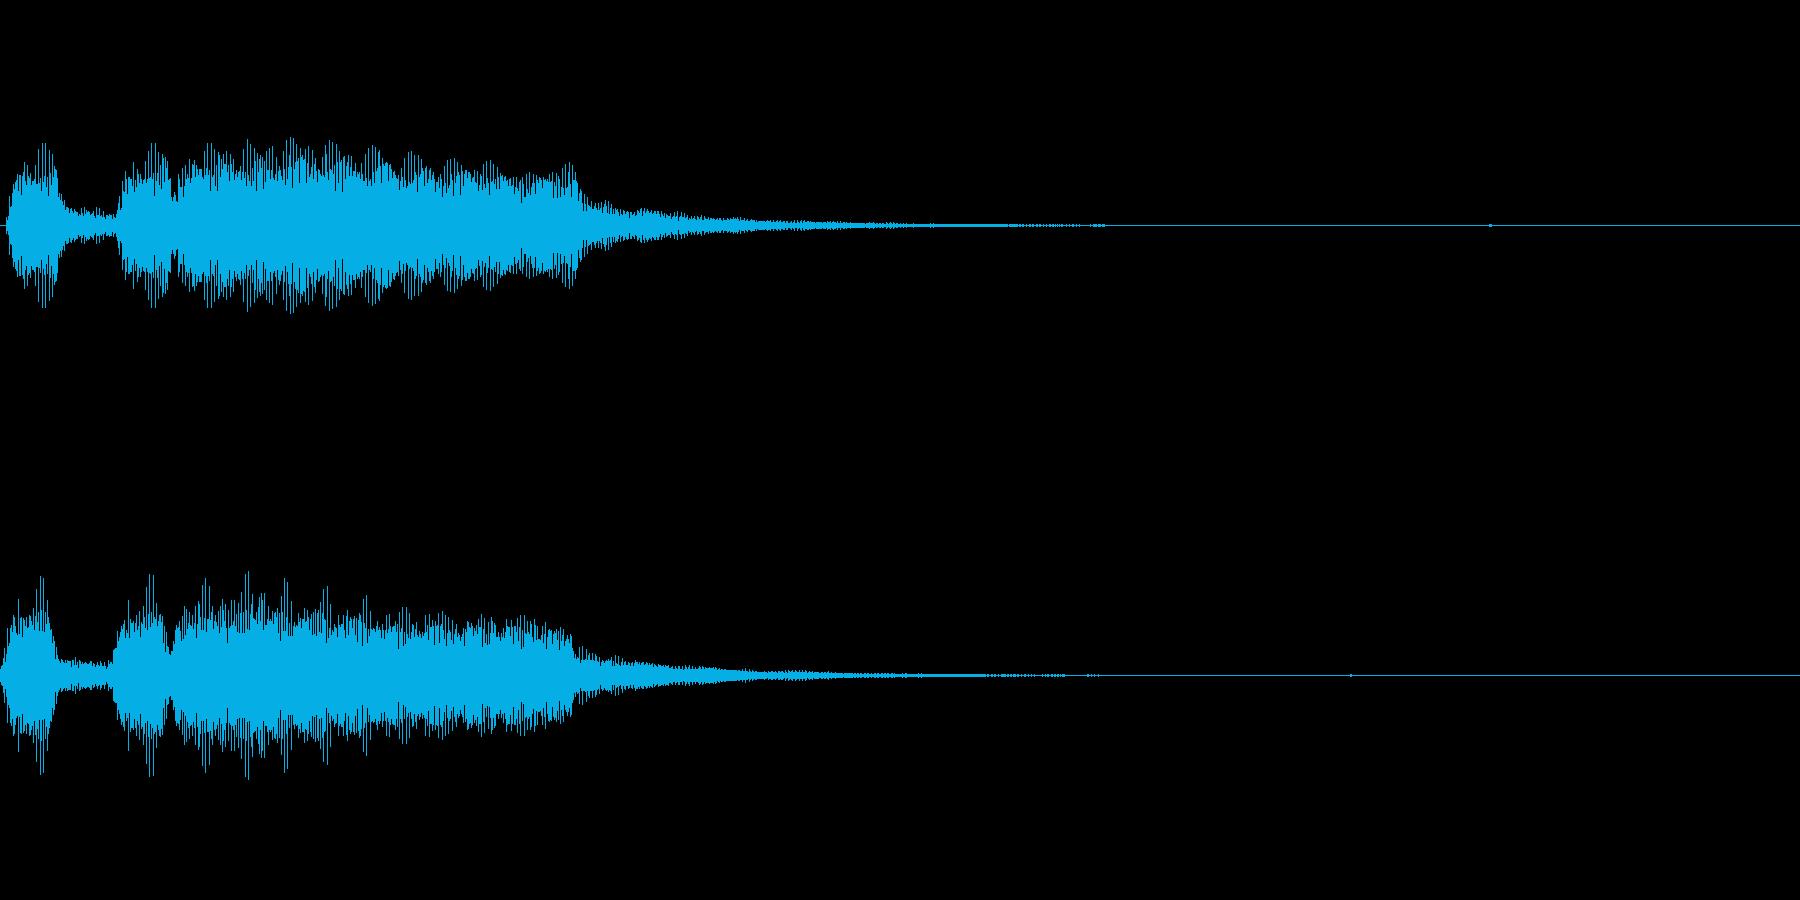 ミッション達成等「パッパパーン」ver1の再生済みの波形